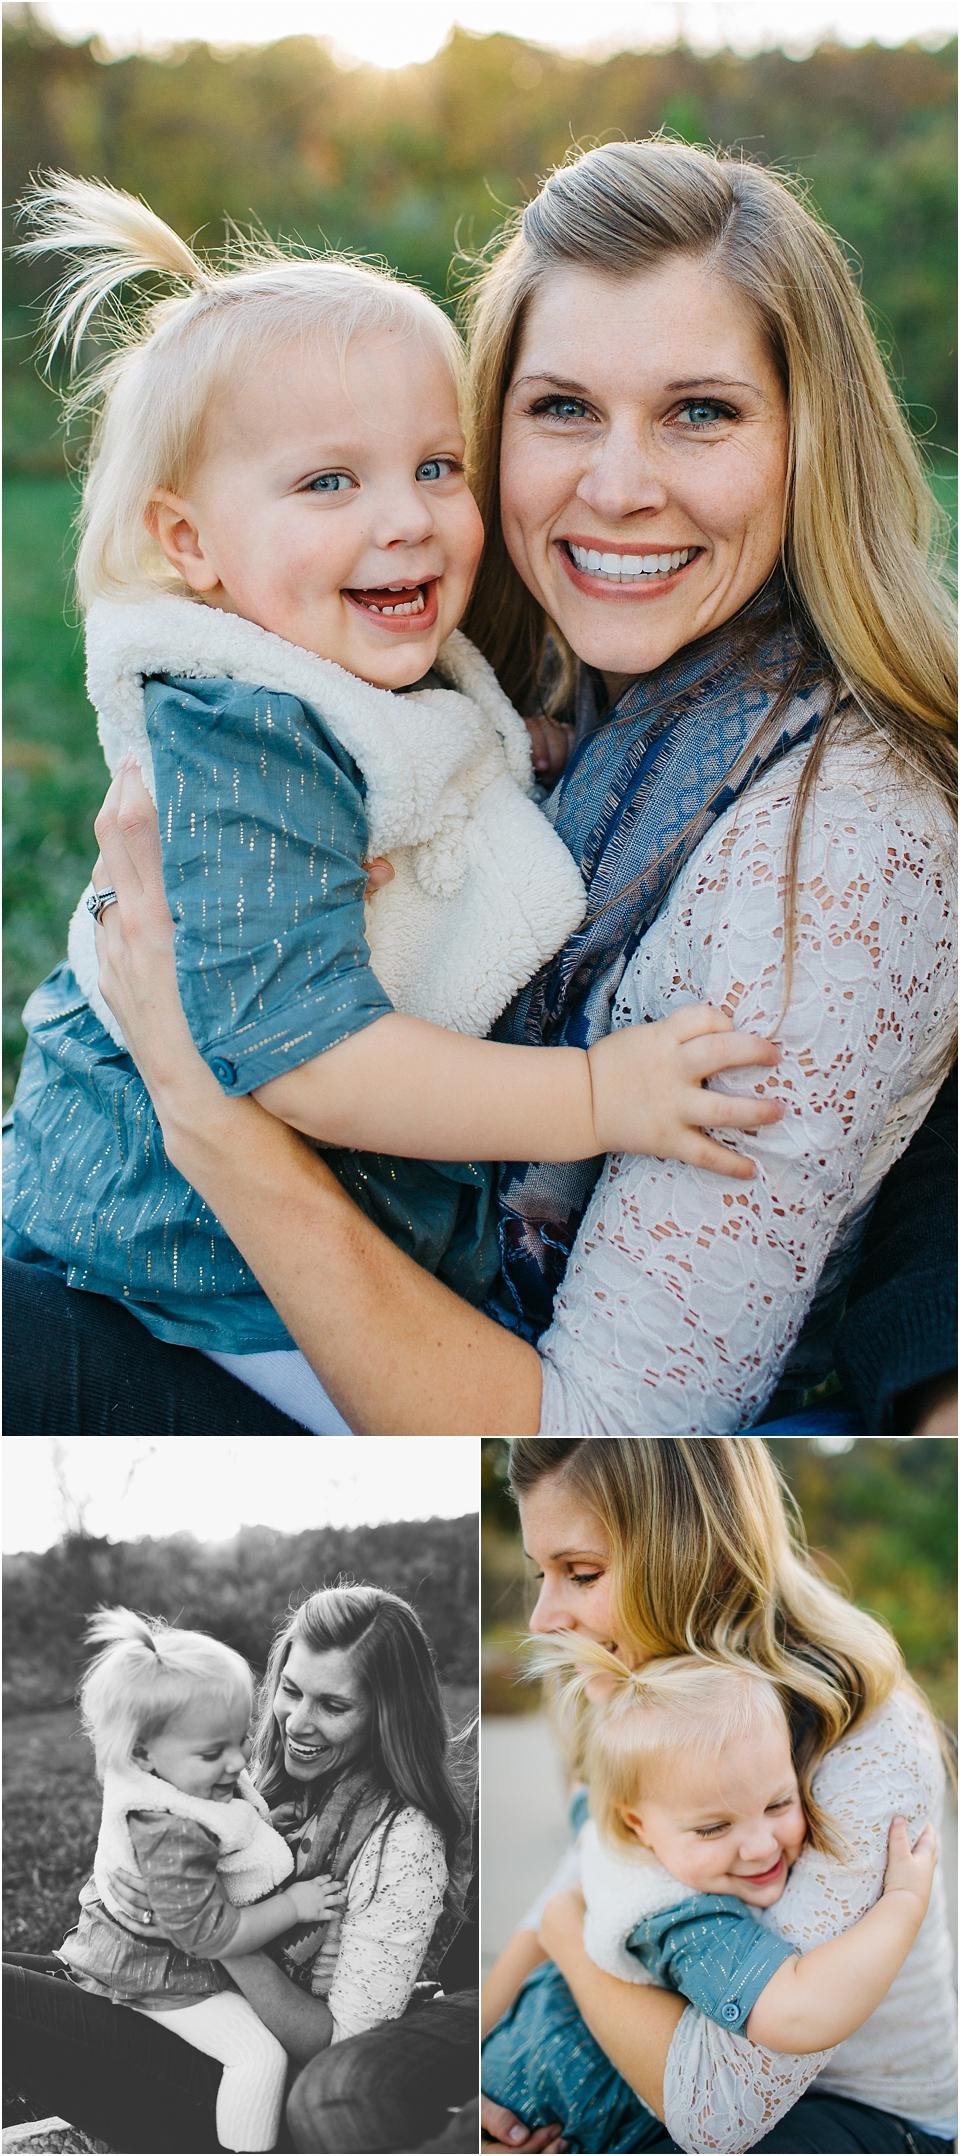 kansascitybestfamilyphotographer_0101